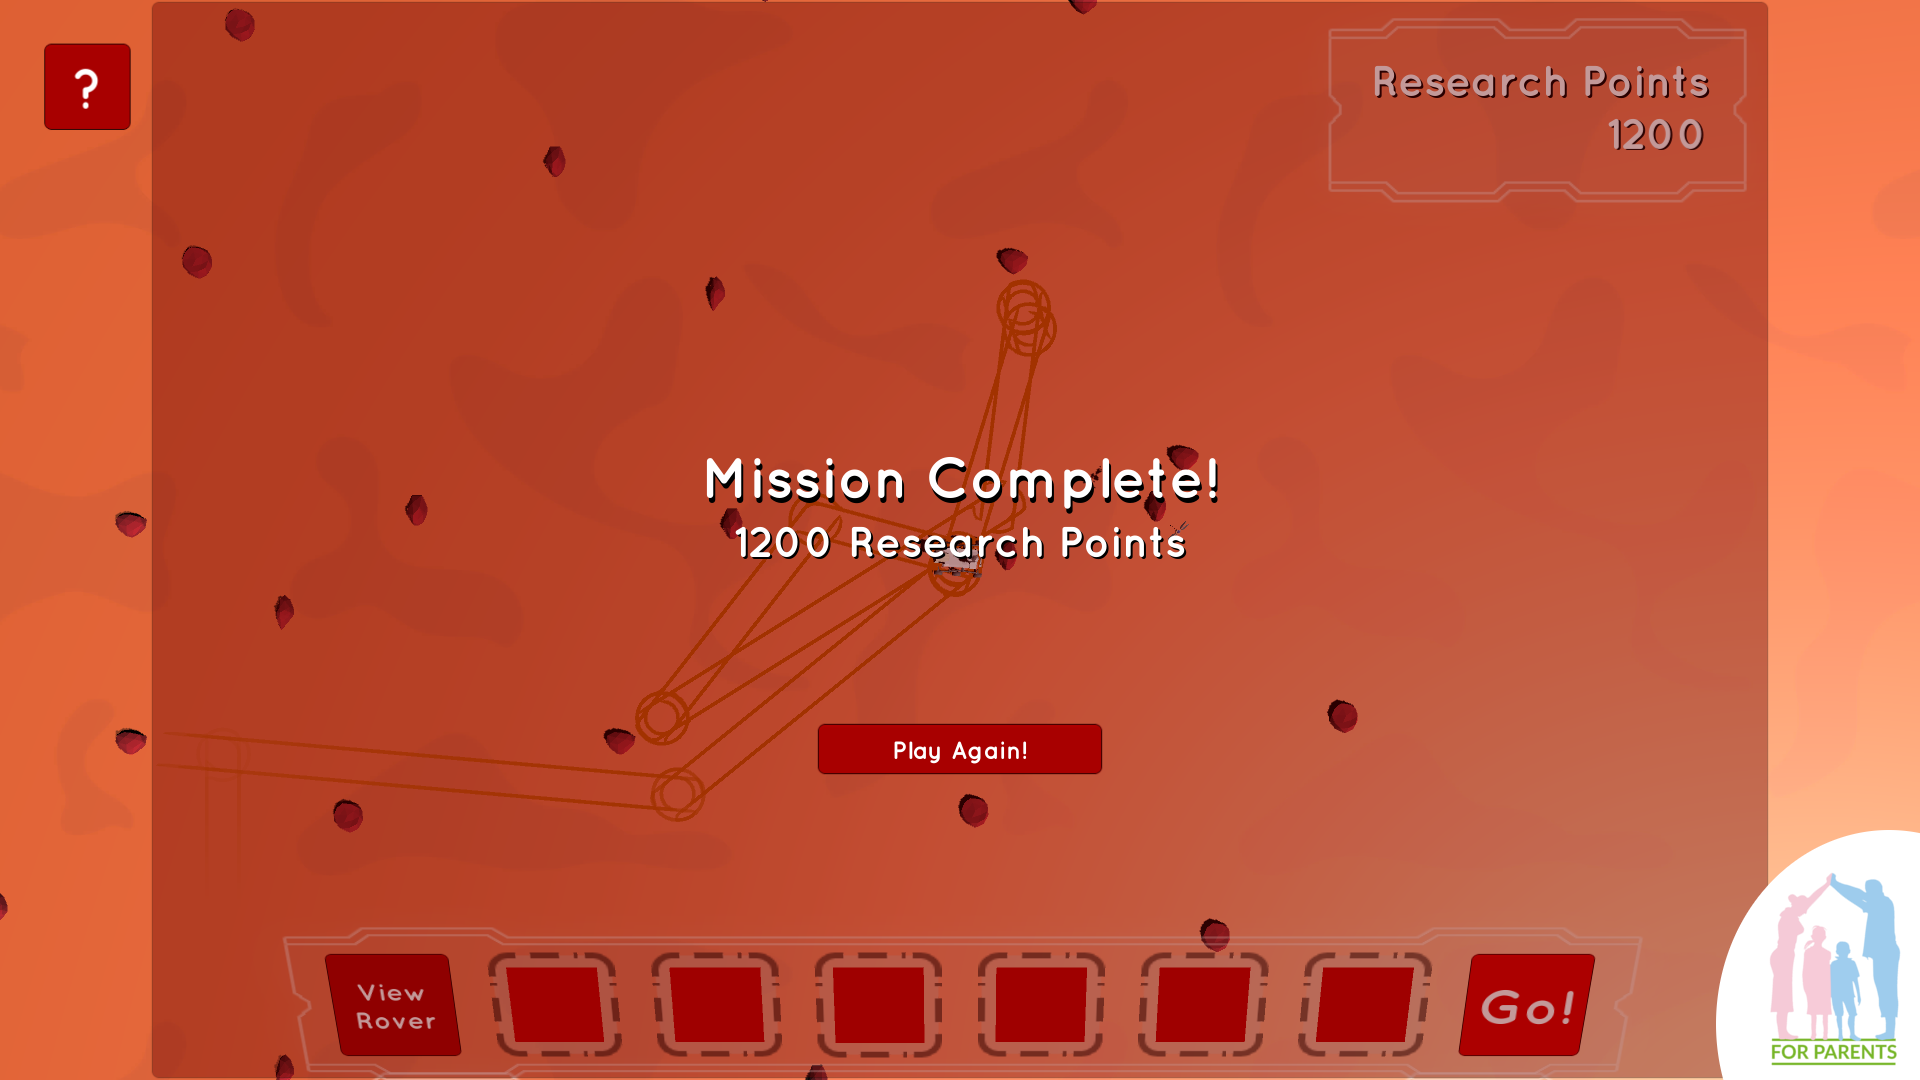 programowanie dla dzieci - łazik marsjański 20 misja zakończona